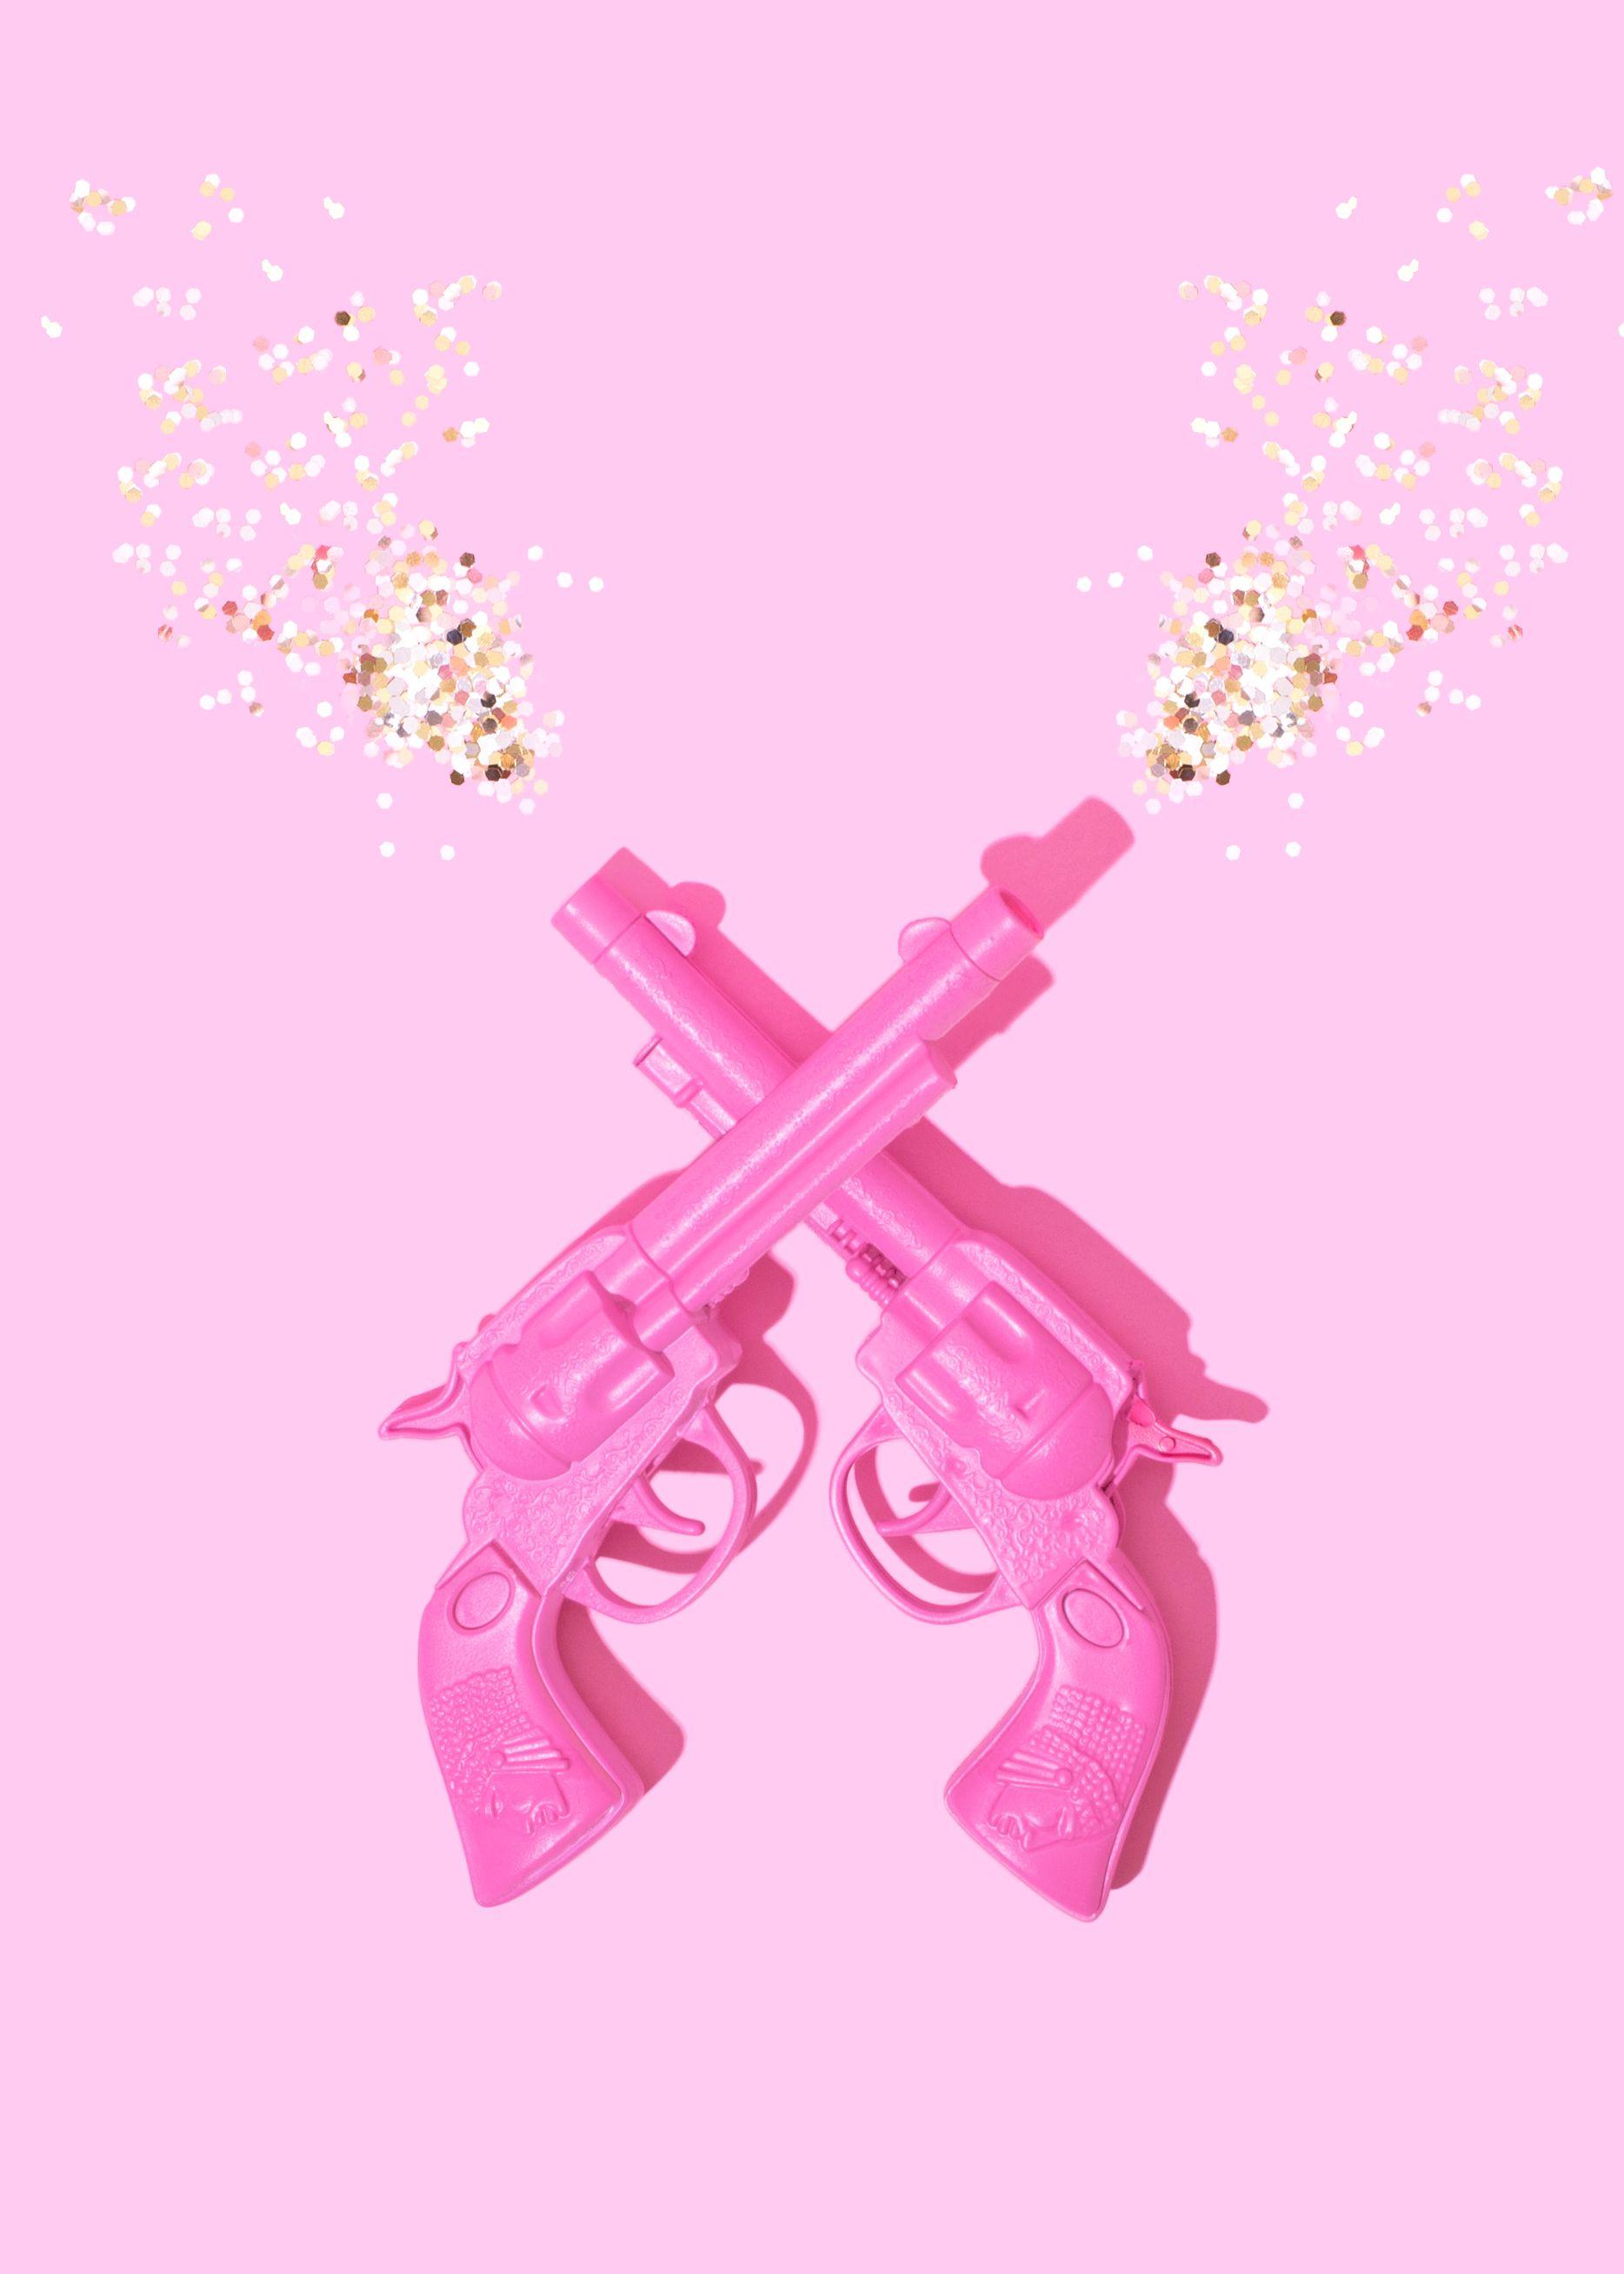 Pink Girl Aesthetic Wallpaper